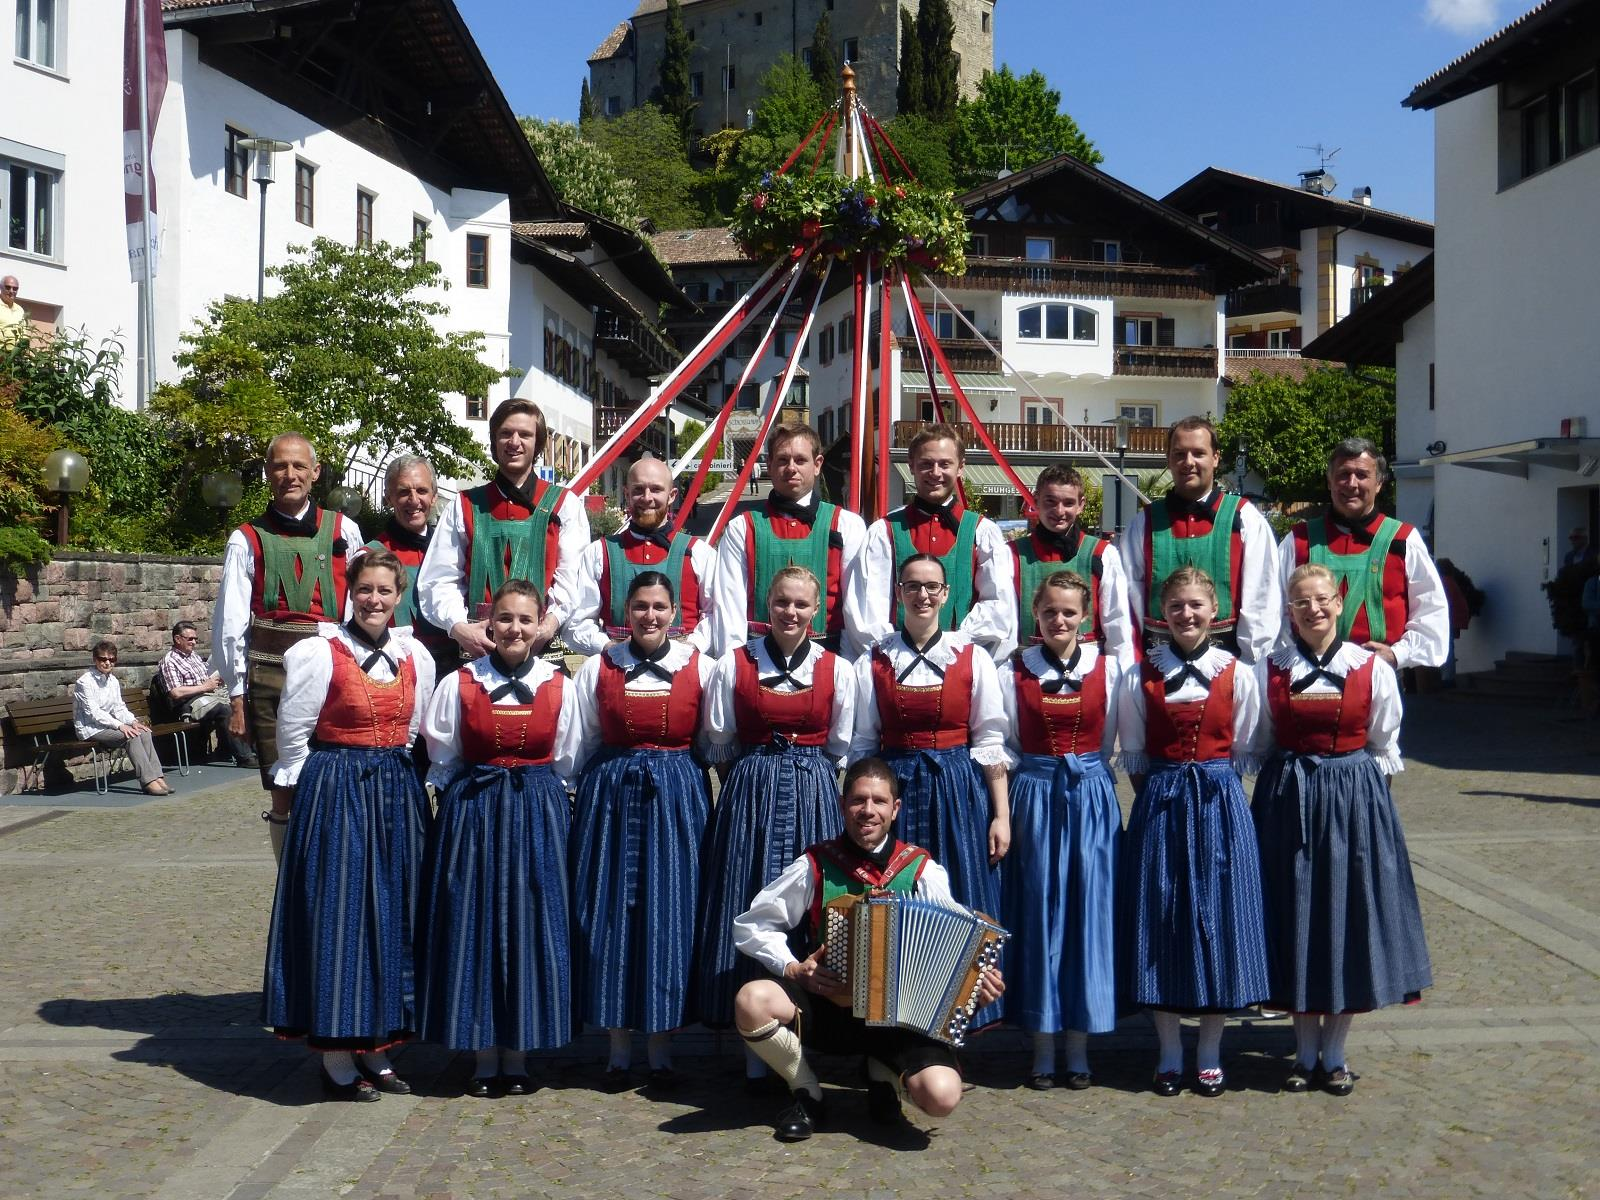 Festa di ringraziamento: Danze folcloristiche in Piazza Raiffeisen a Scena